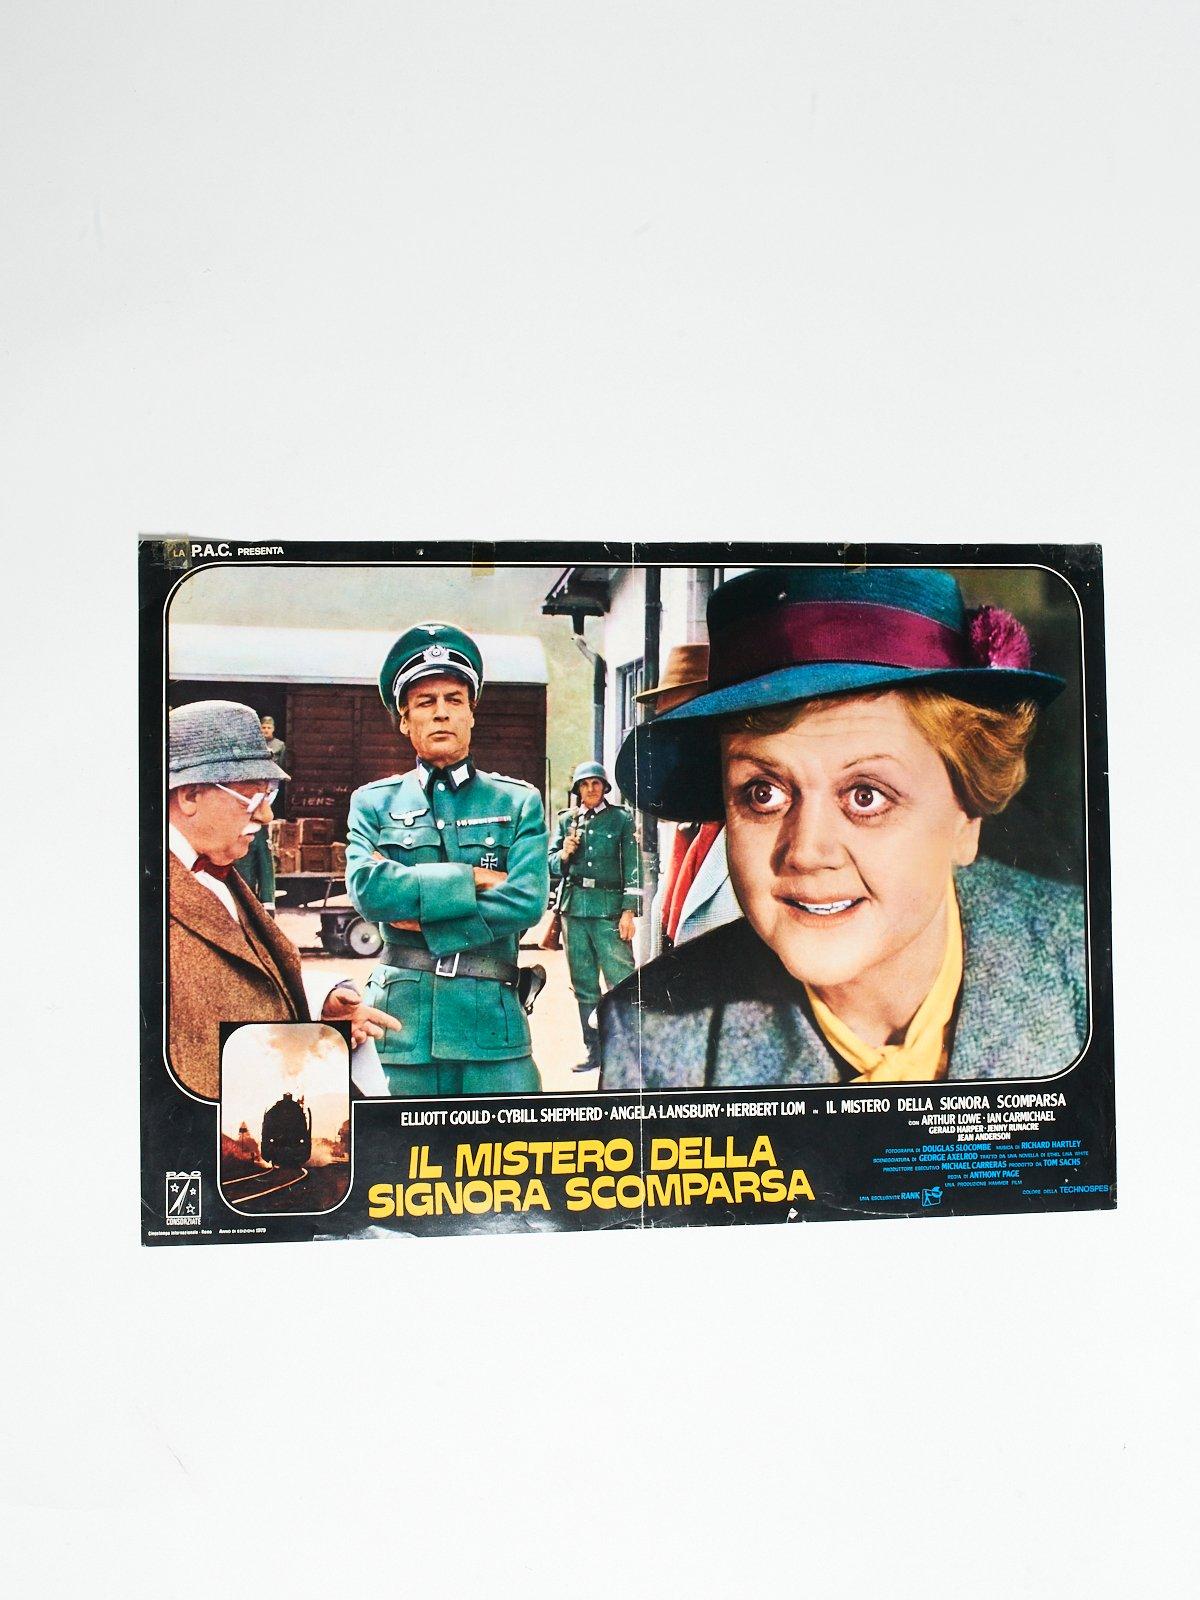 IL MISTERO DELLA SIGNORA SCOMPARSA LOBBY CARD